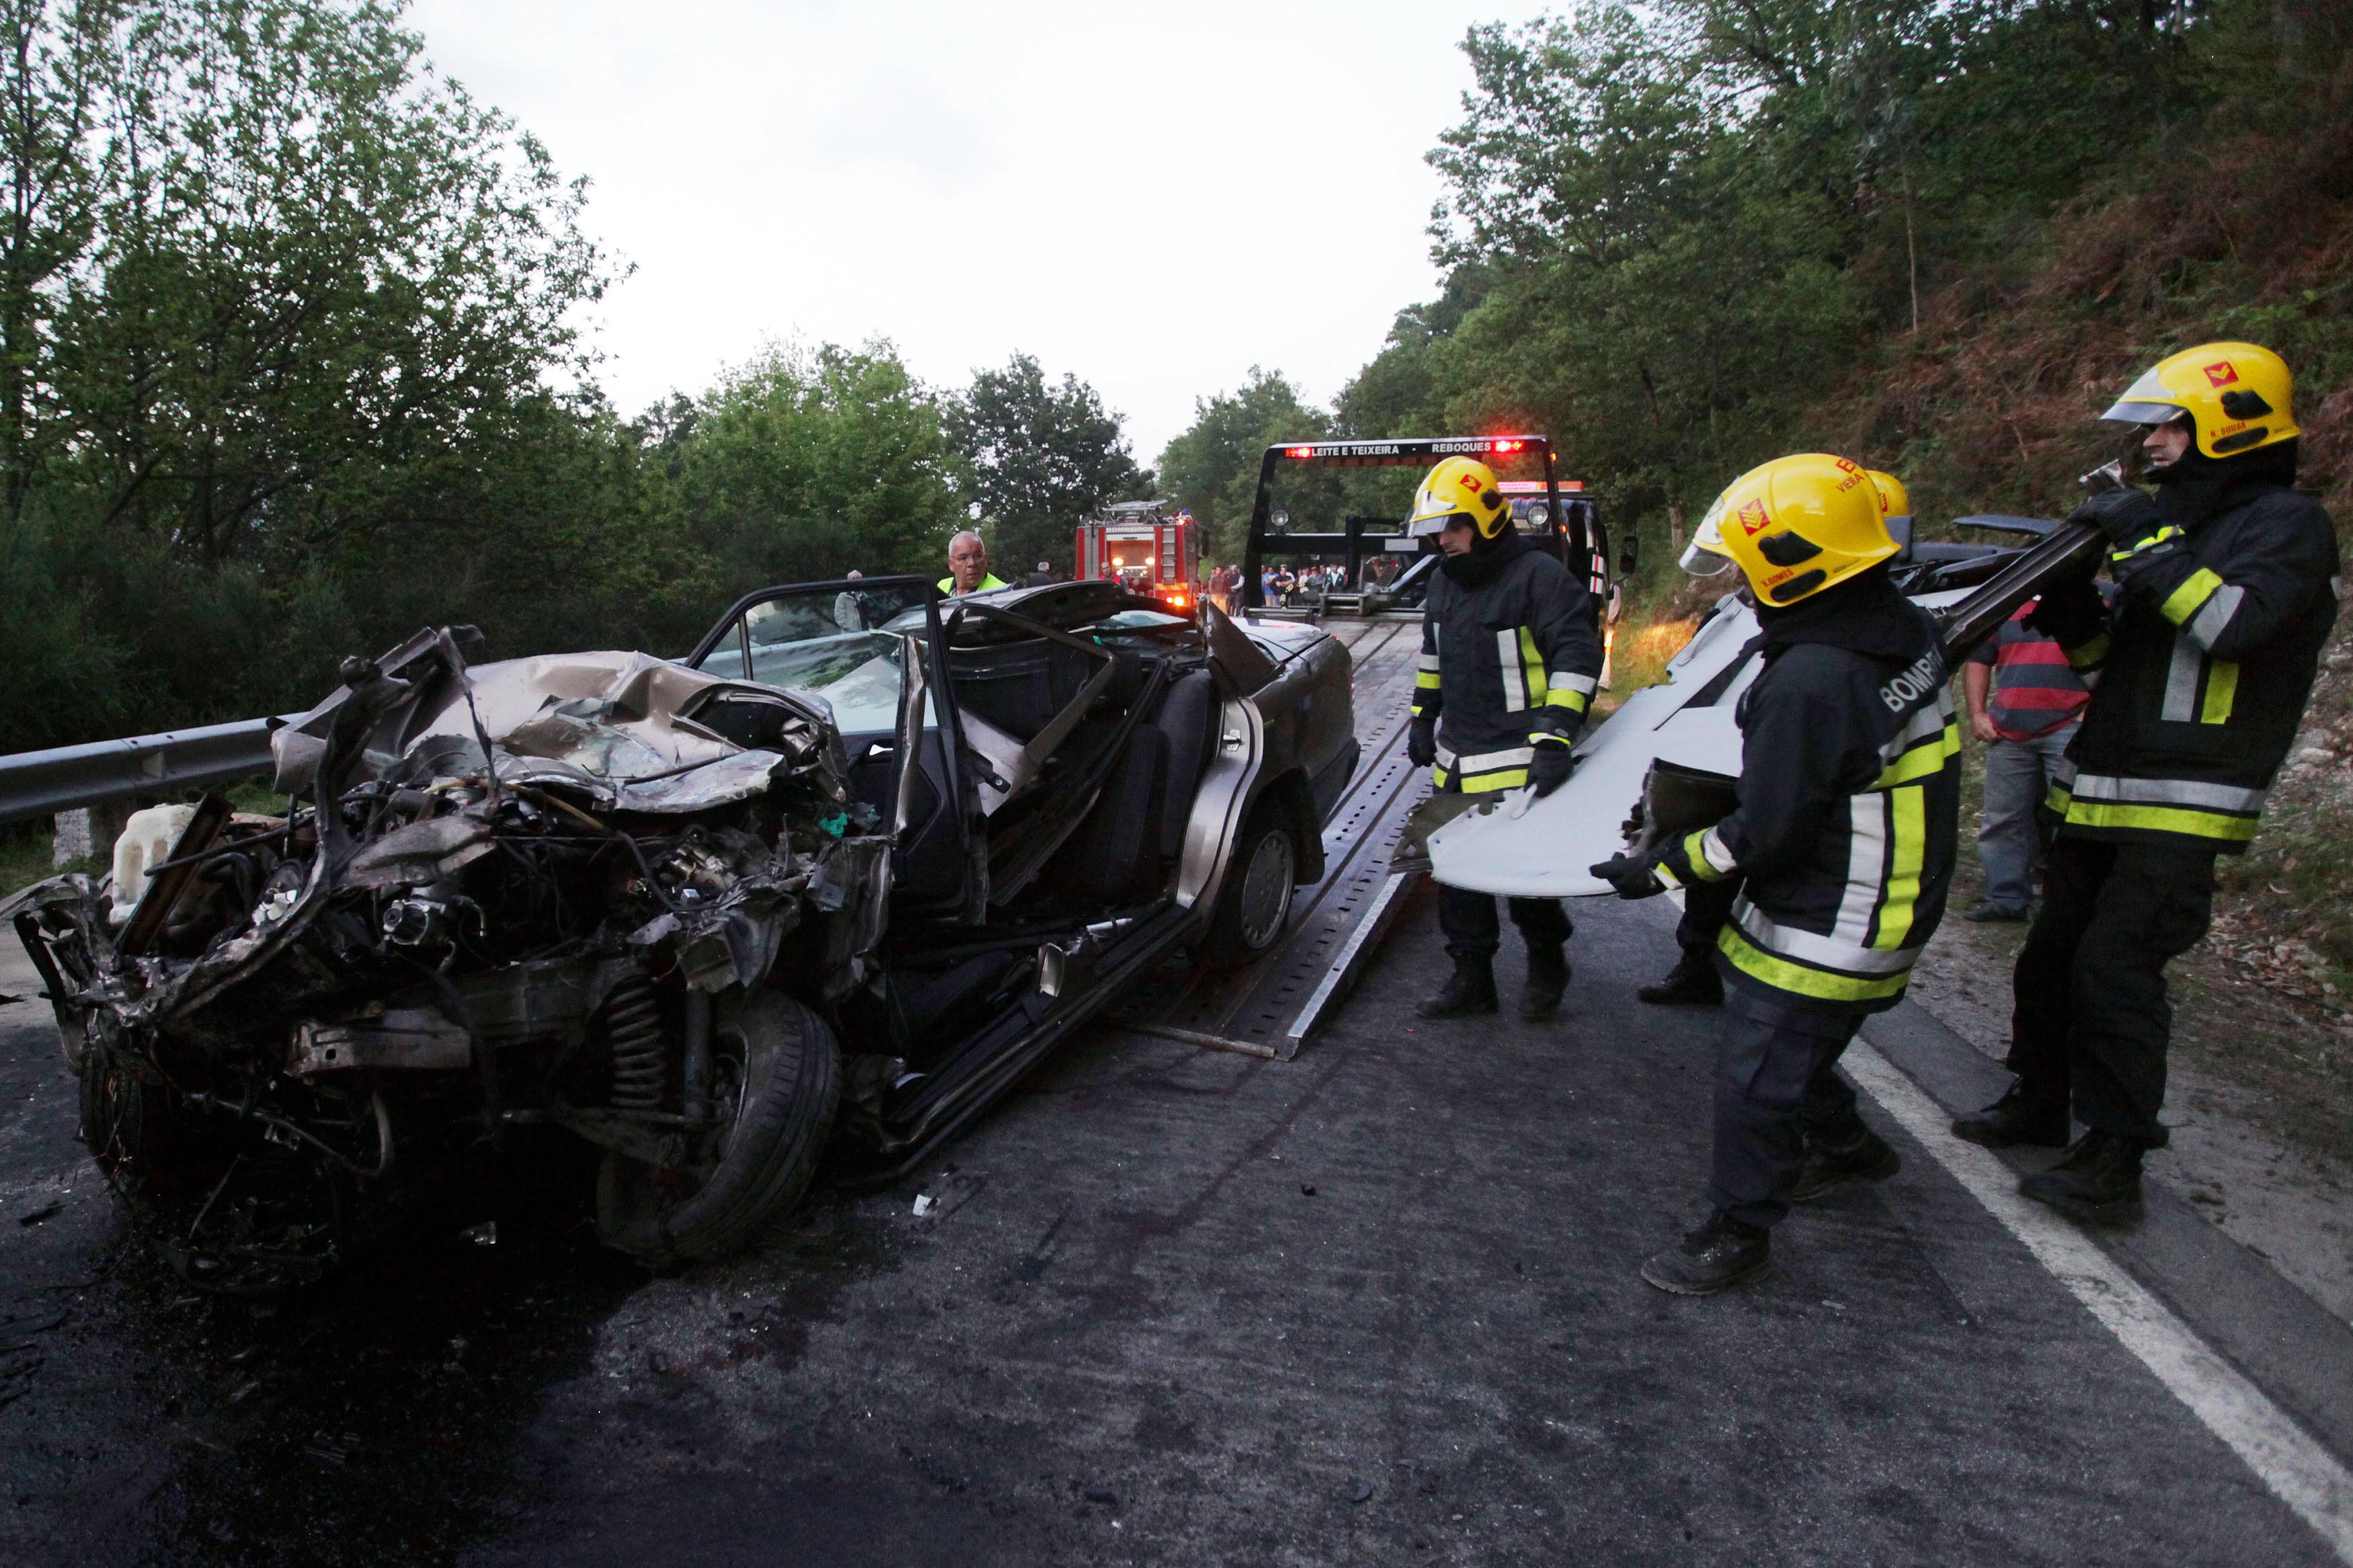 Há cinco anos que não morriam tantas pessoas na estrada devido ao álcool